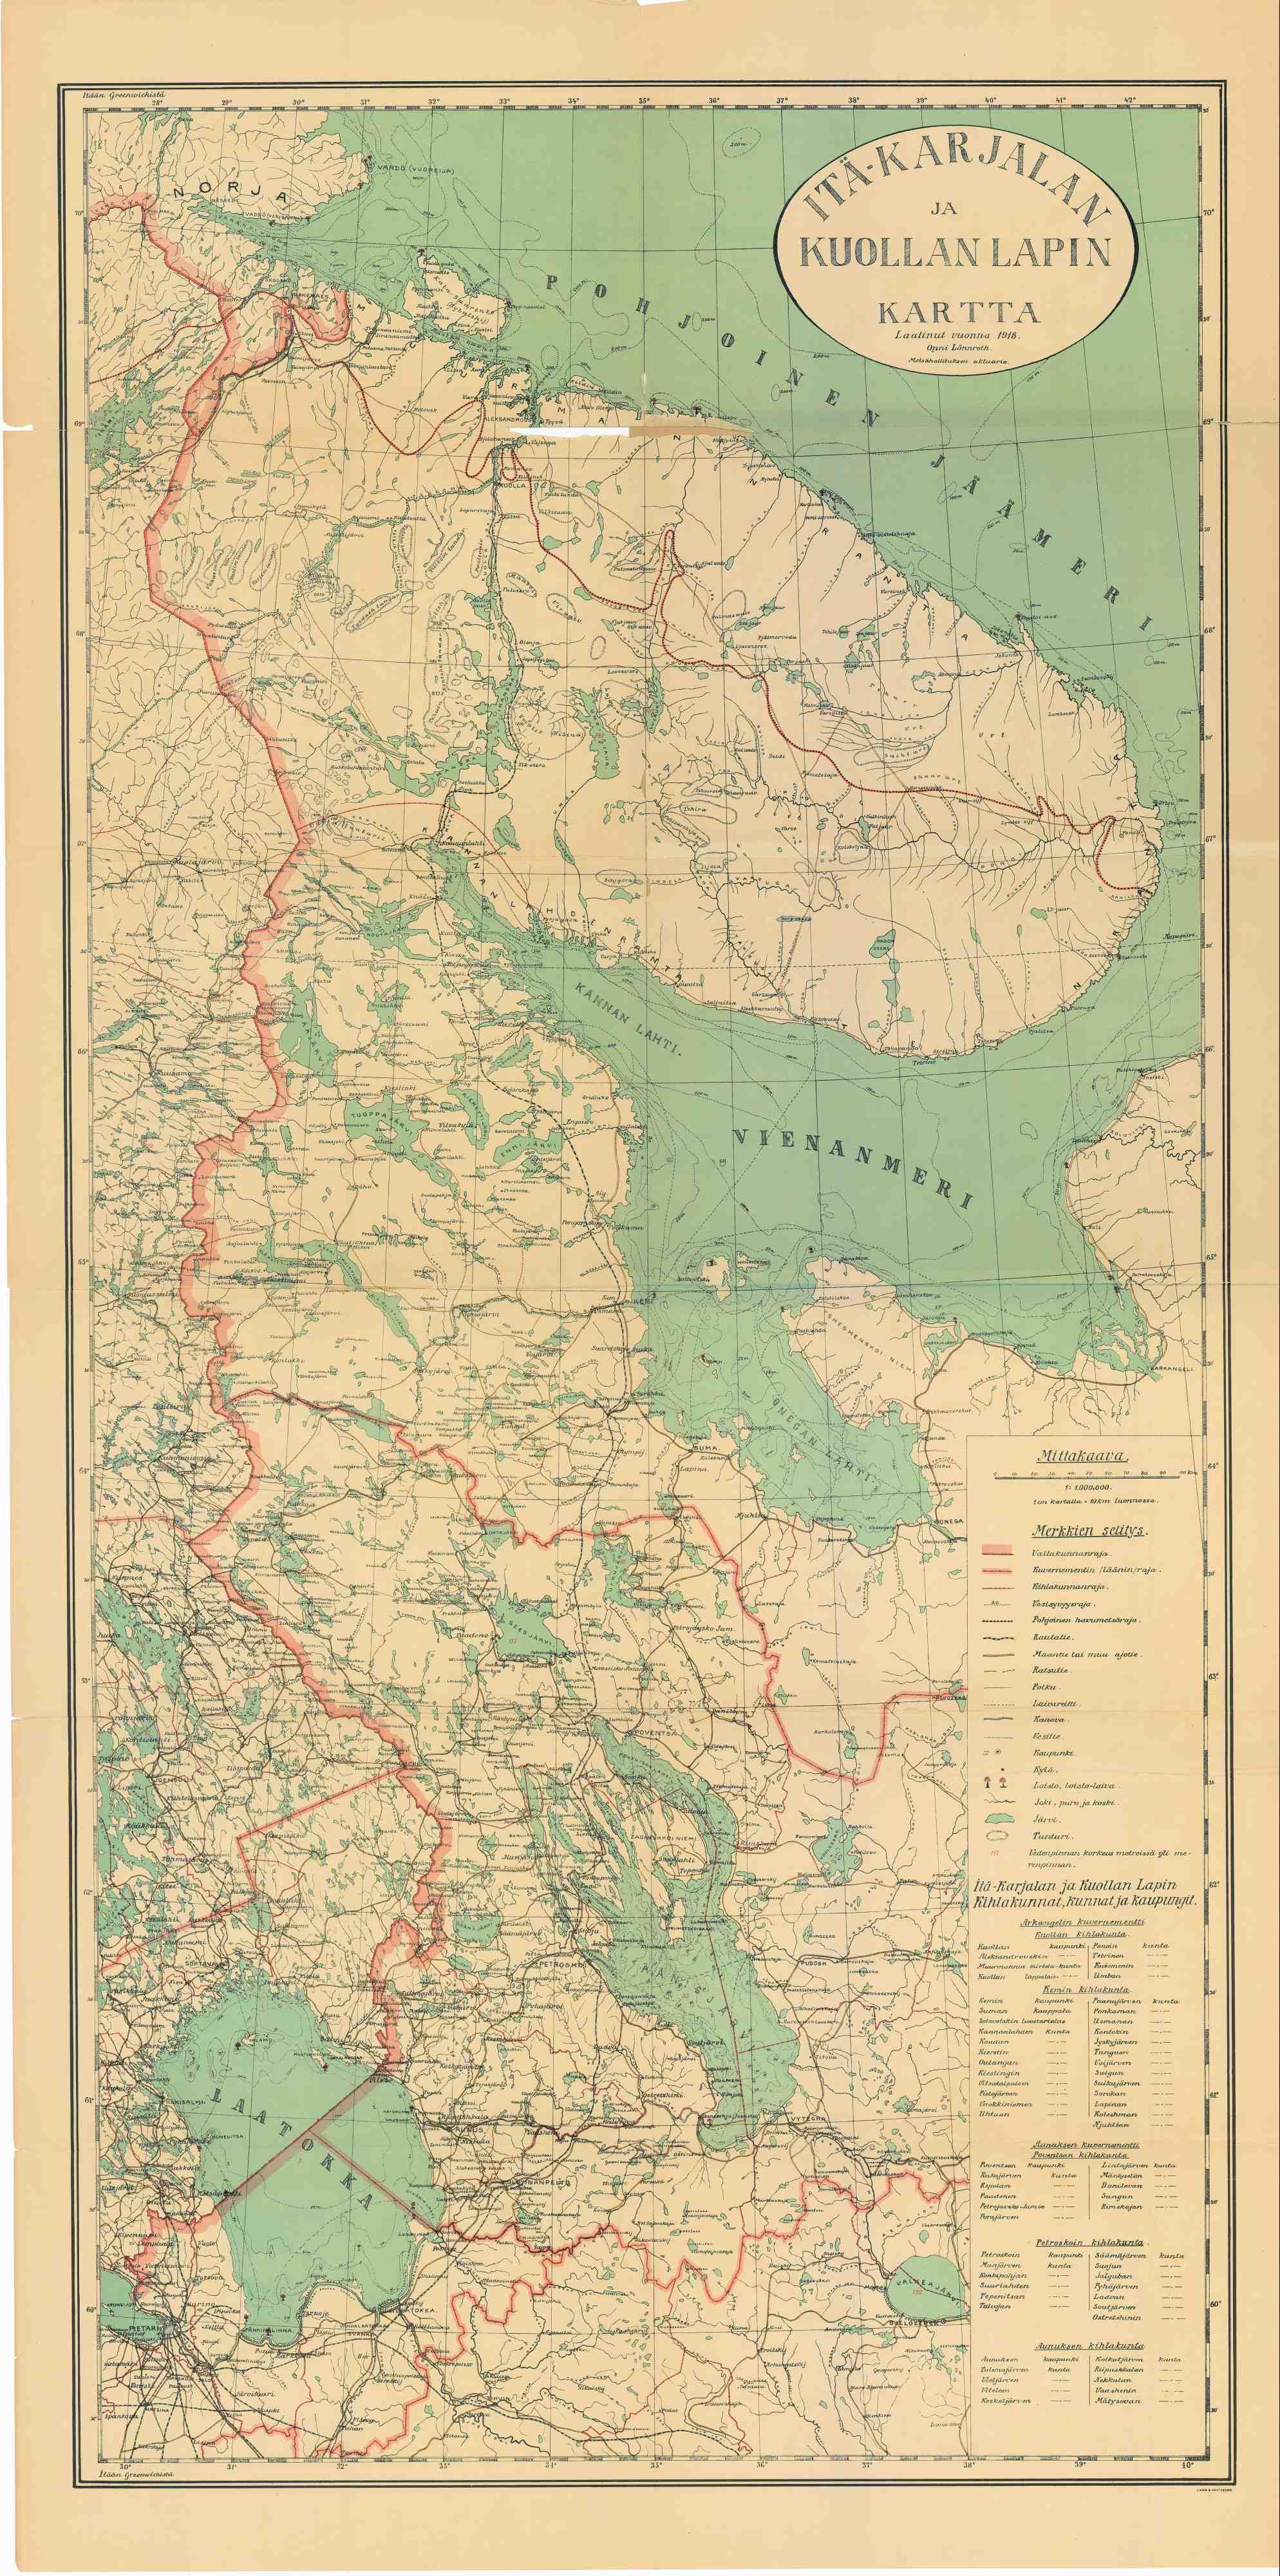 Ita Karjalan Ja Kuollan Lapin Kartta Laatinut Vuonna 1918 Onni